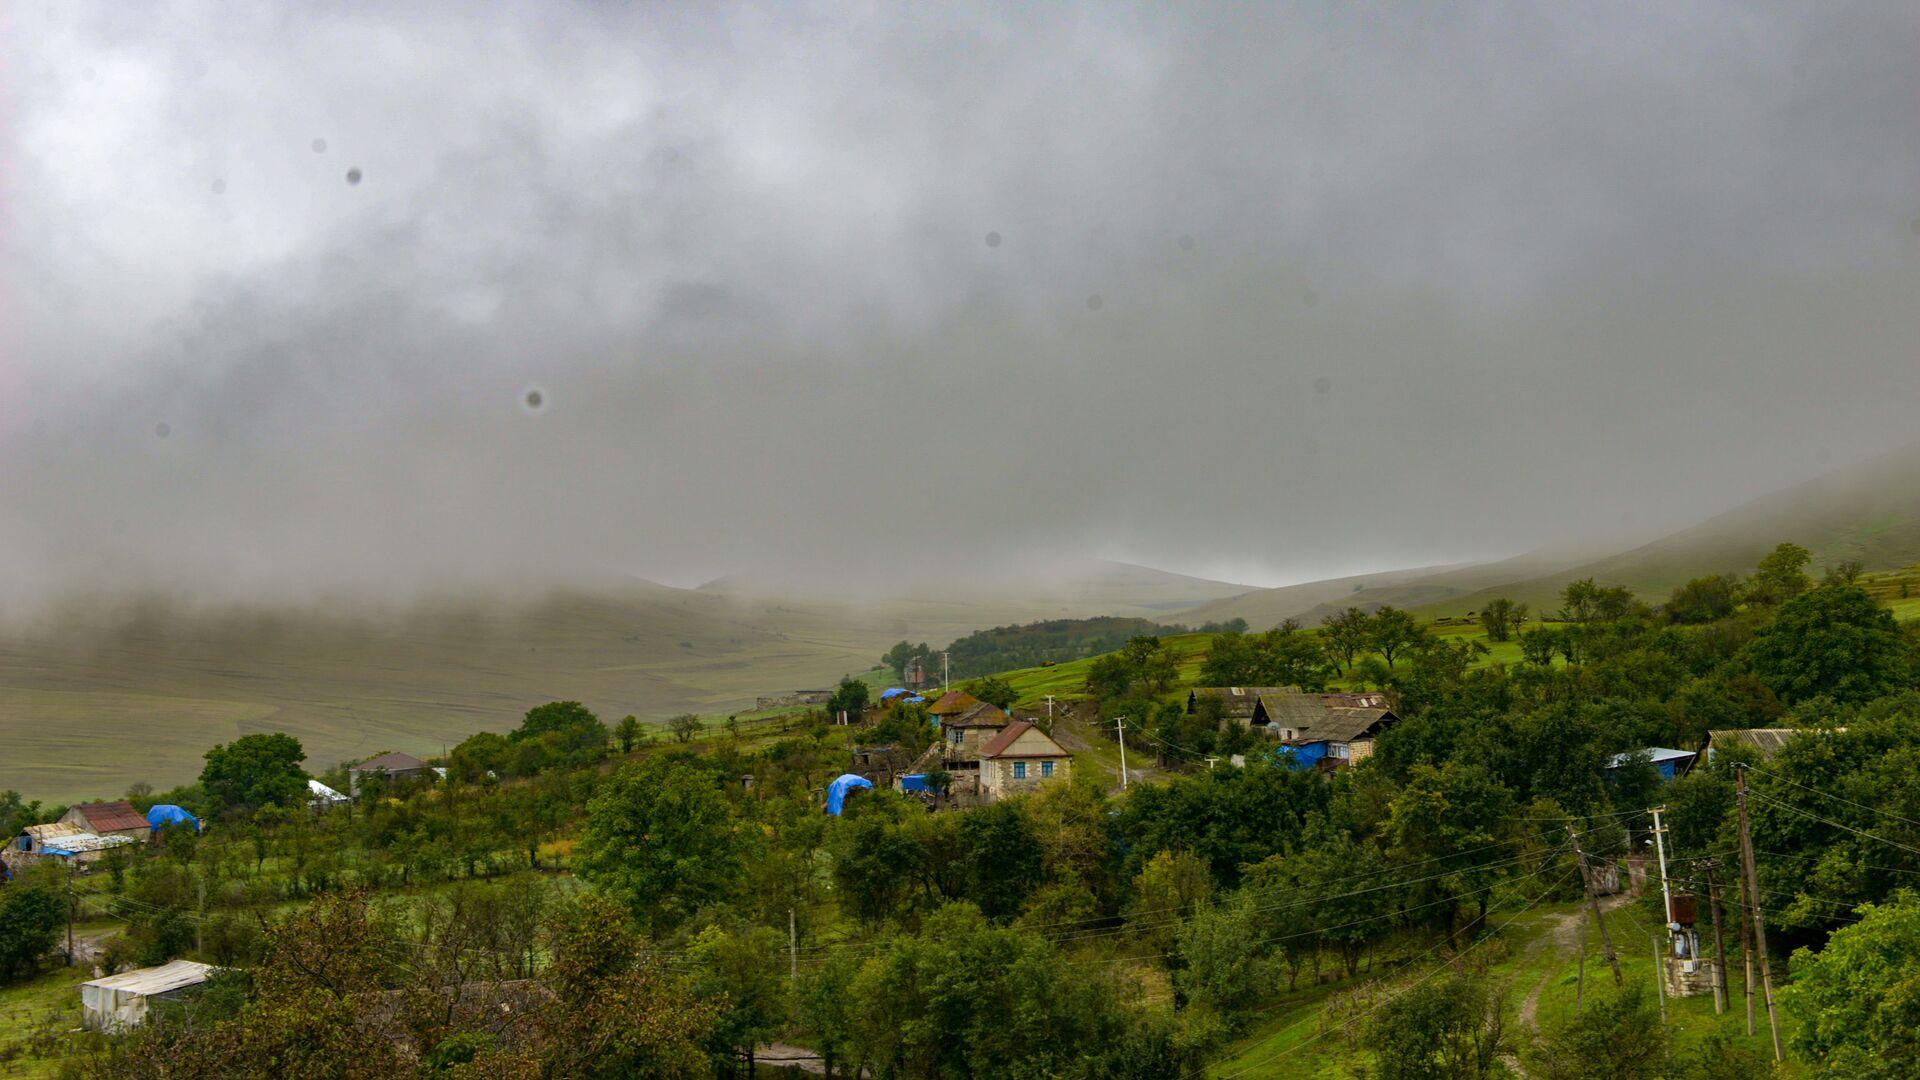 Туман в селе Чайкенд, фото из архива - Sputnik Azərbaycan, 1920, 17.09.2021